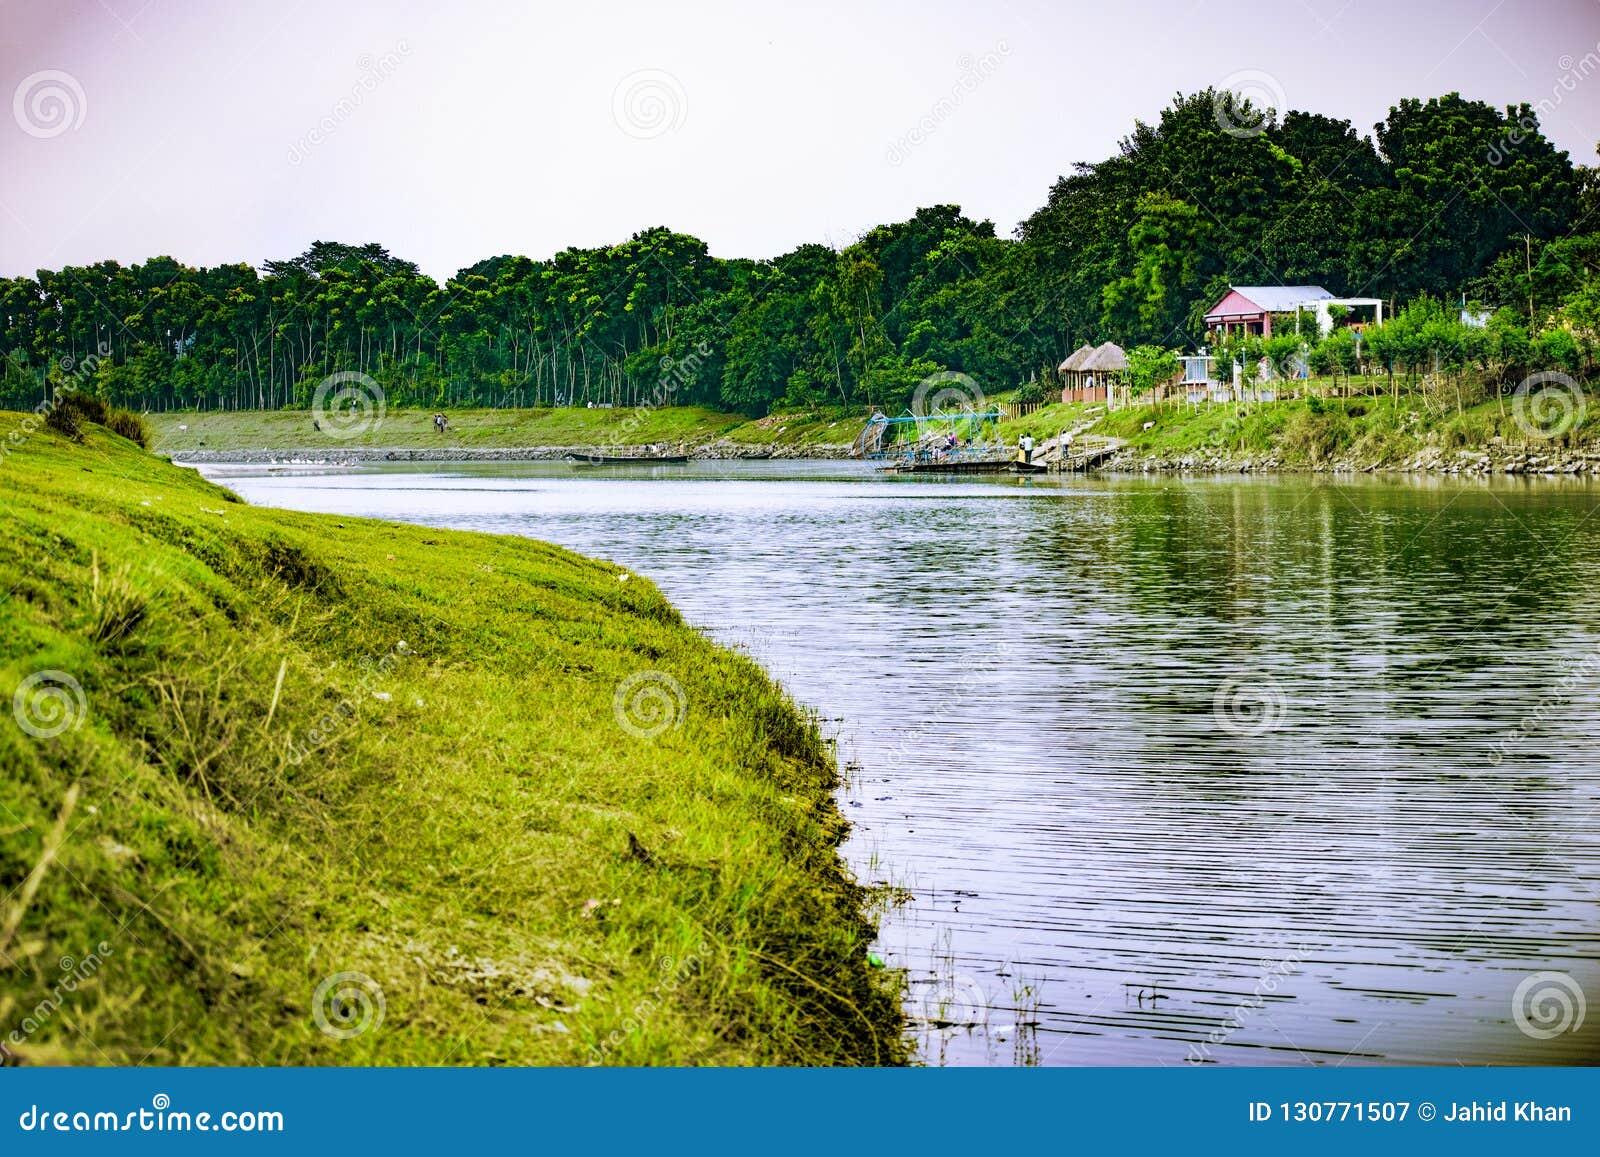 Punorvoba River, Dinajpur, Rājshāhi, Bangladesh.